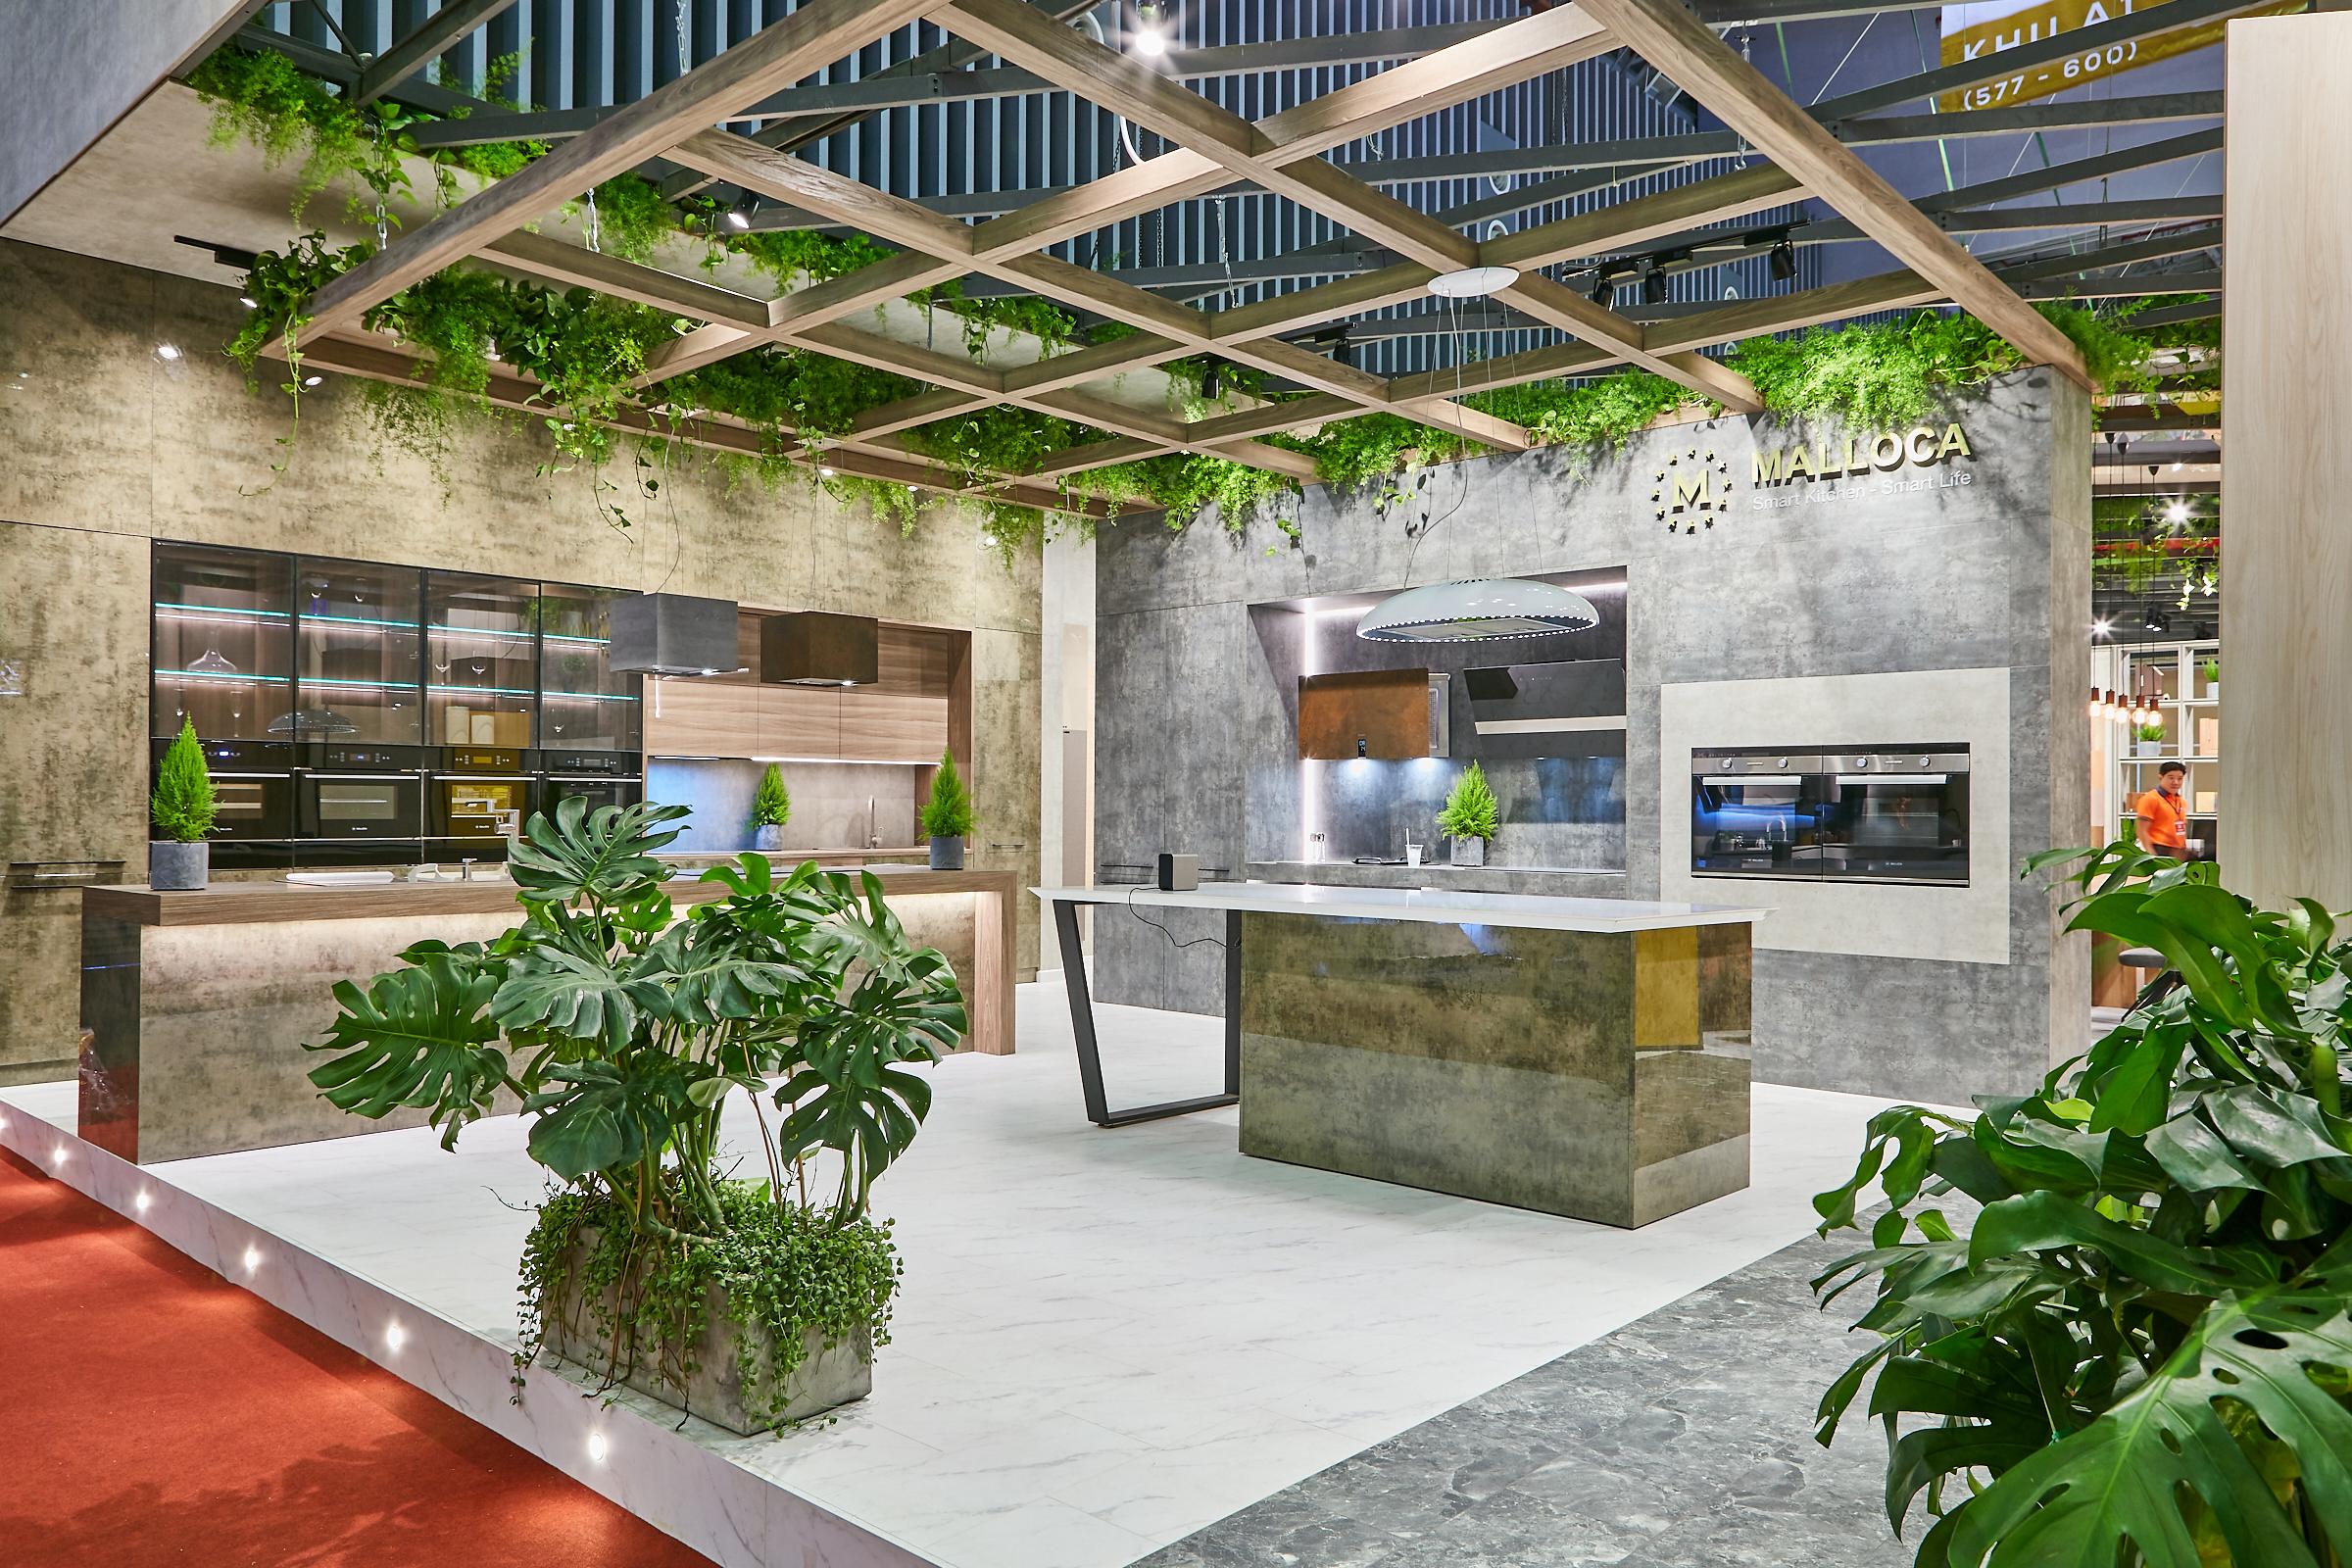 Malloca khẳng định vị thế dẫn đầu công nghệ trong ngành thiết bị nhà bếp tại Việt Nam